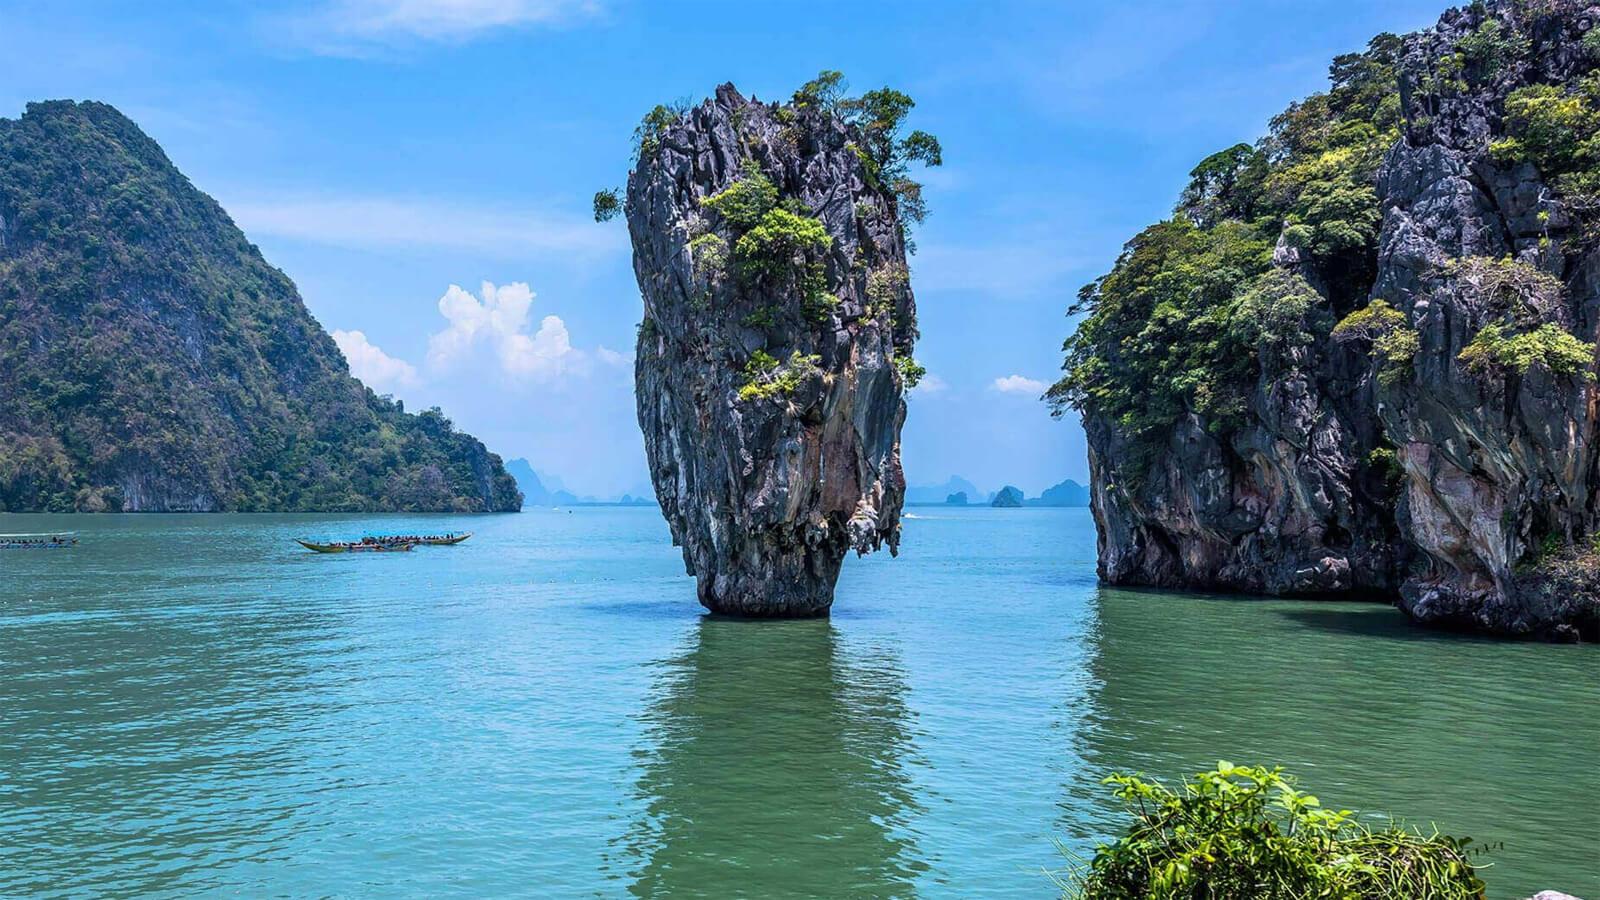 позаботился андаманское море пхукет фото лечебные